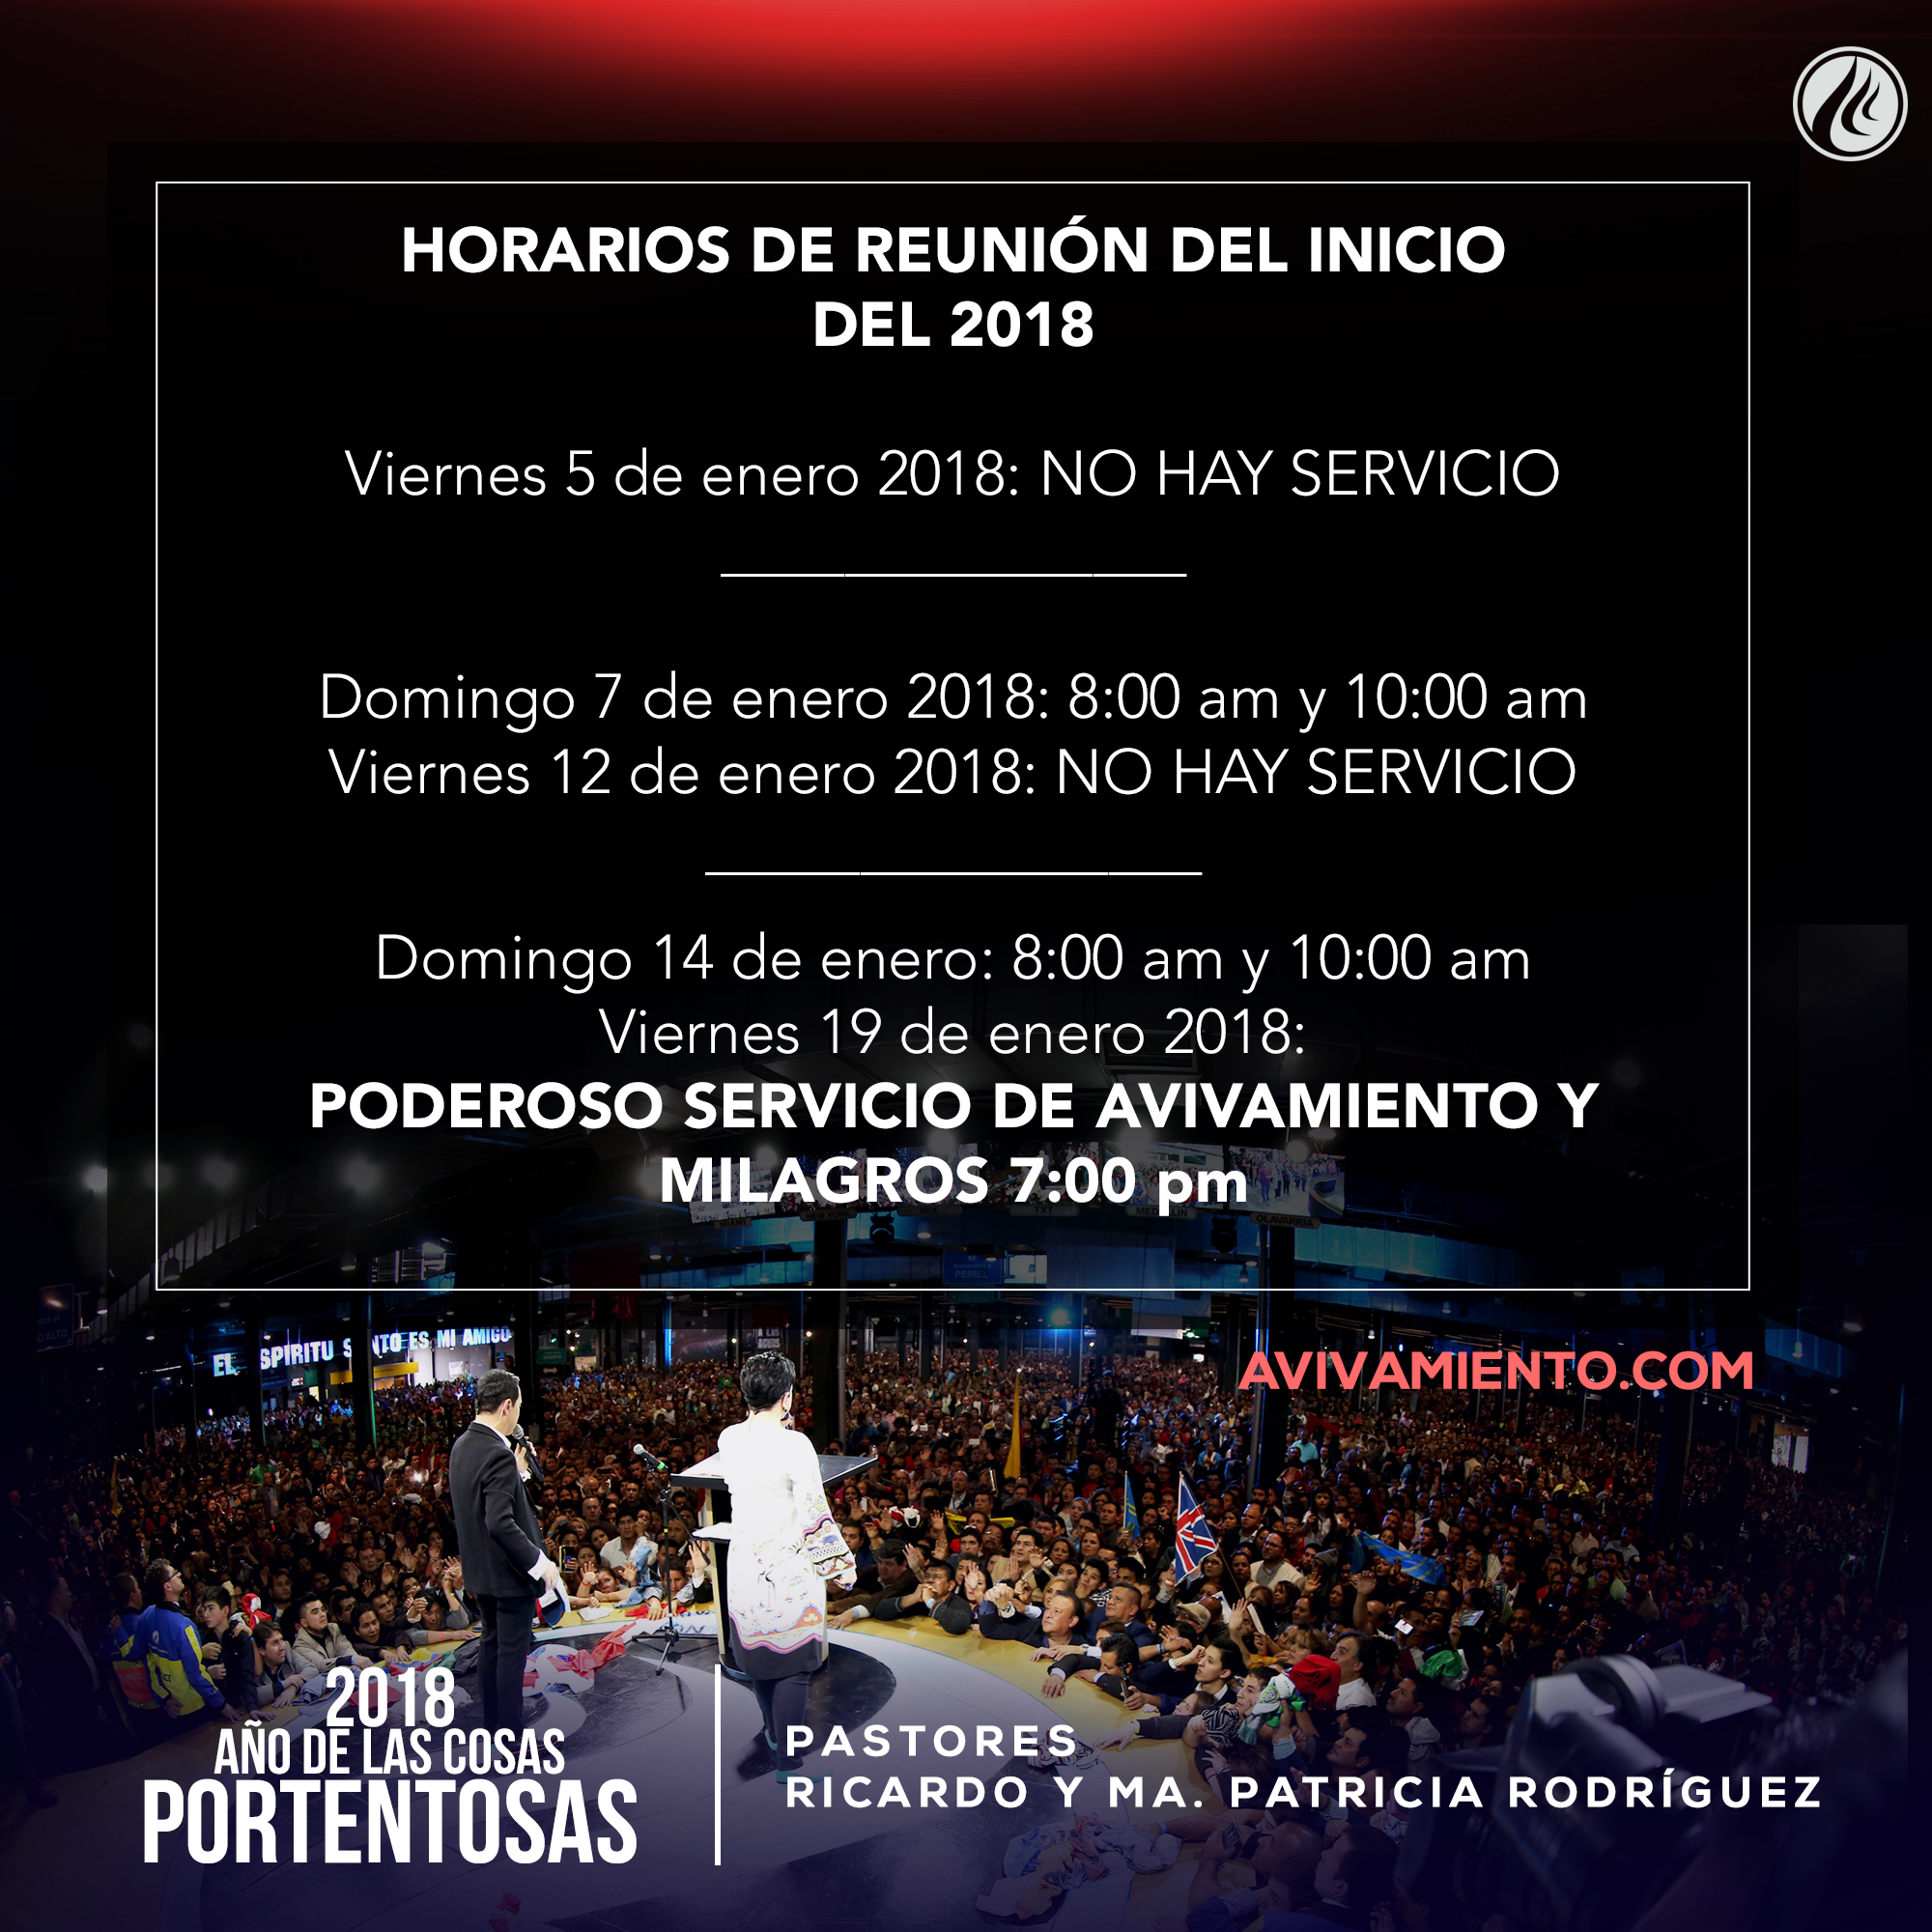 horarios-2018